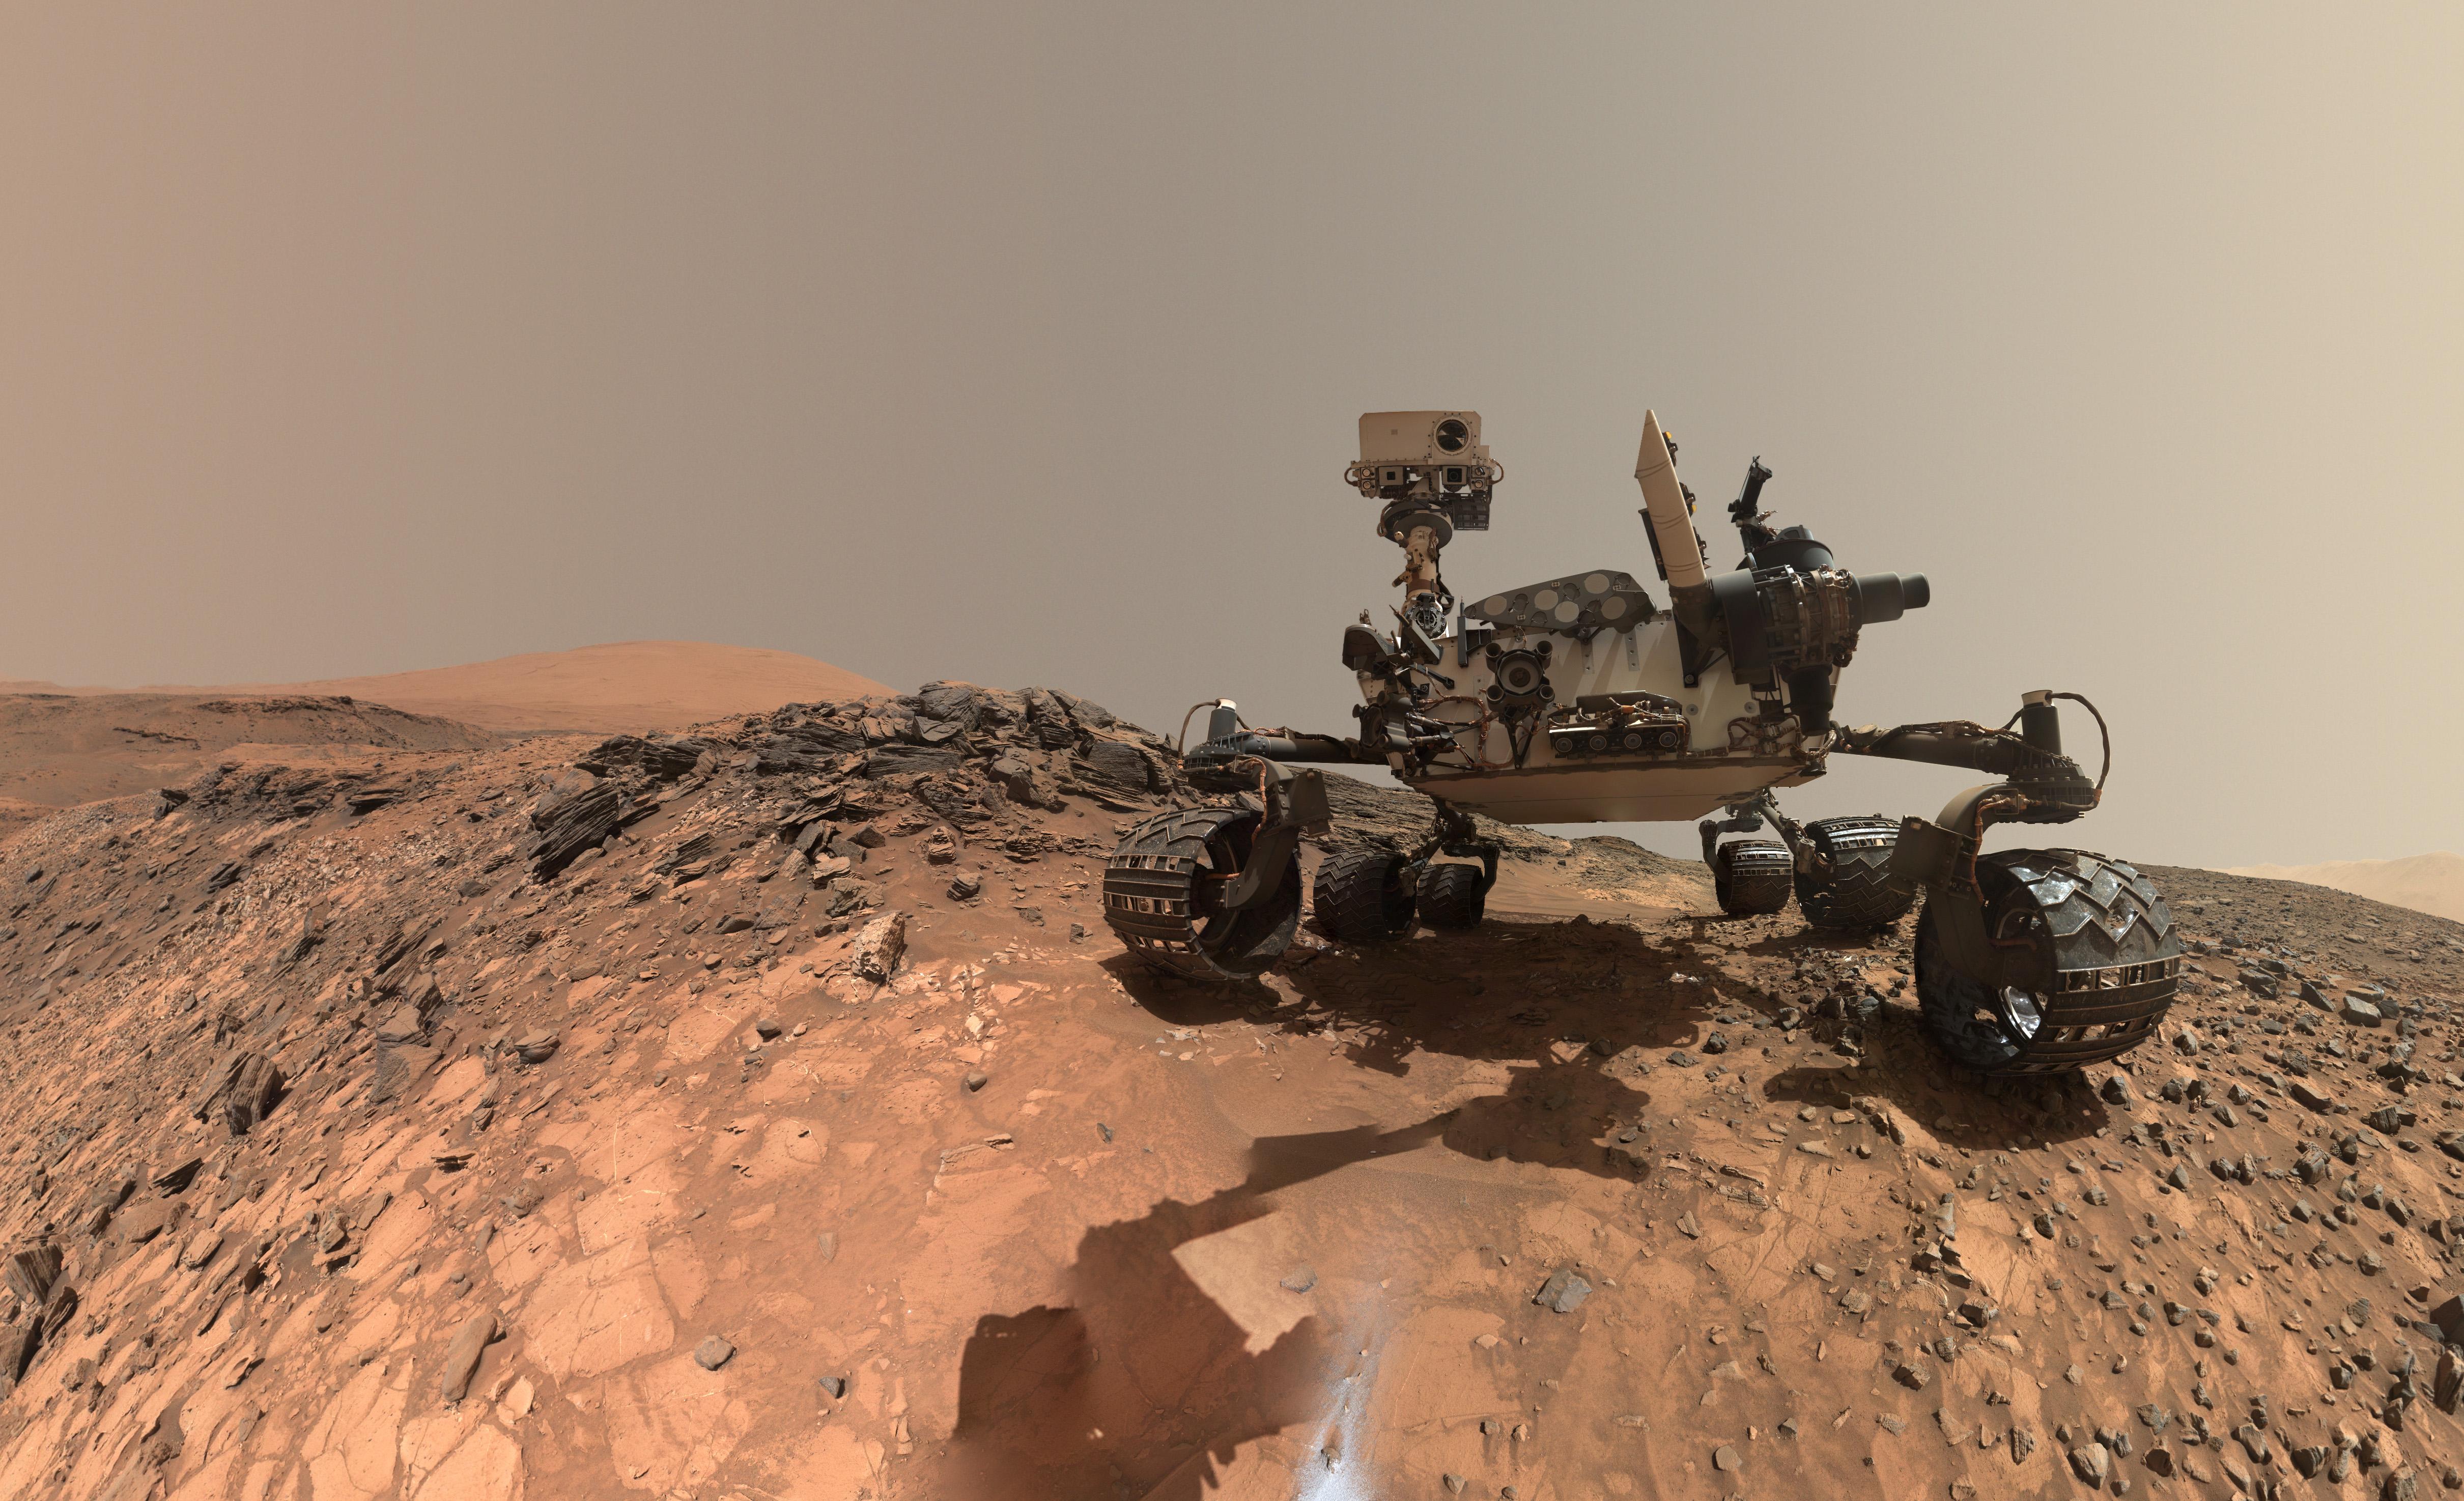 A Curiosity legújabb augusztus közepi selfie-je. A képet a robotkaron lévő kamerával készíti a szonda. Forrás: NASA/JPL